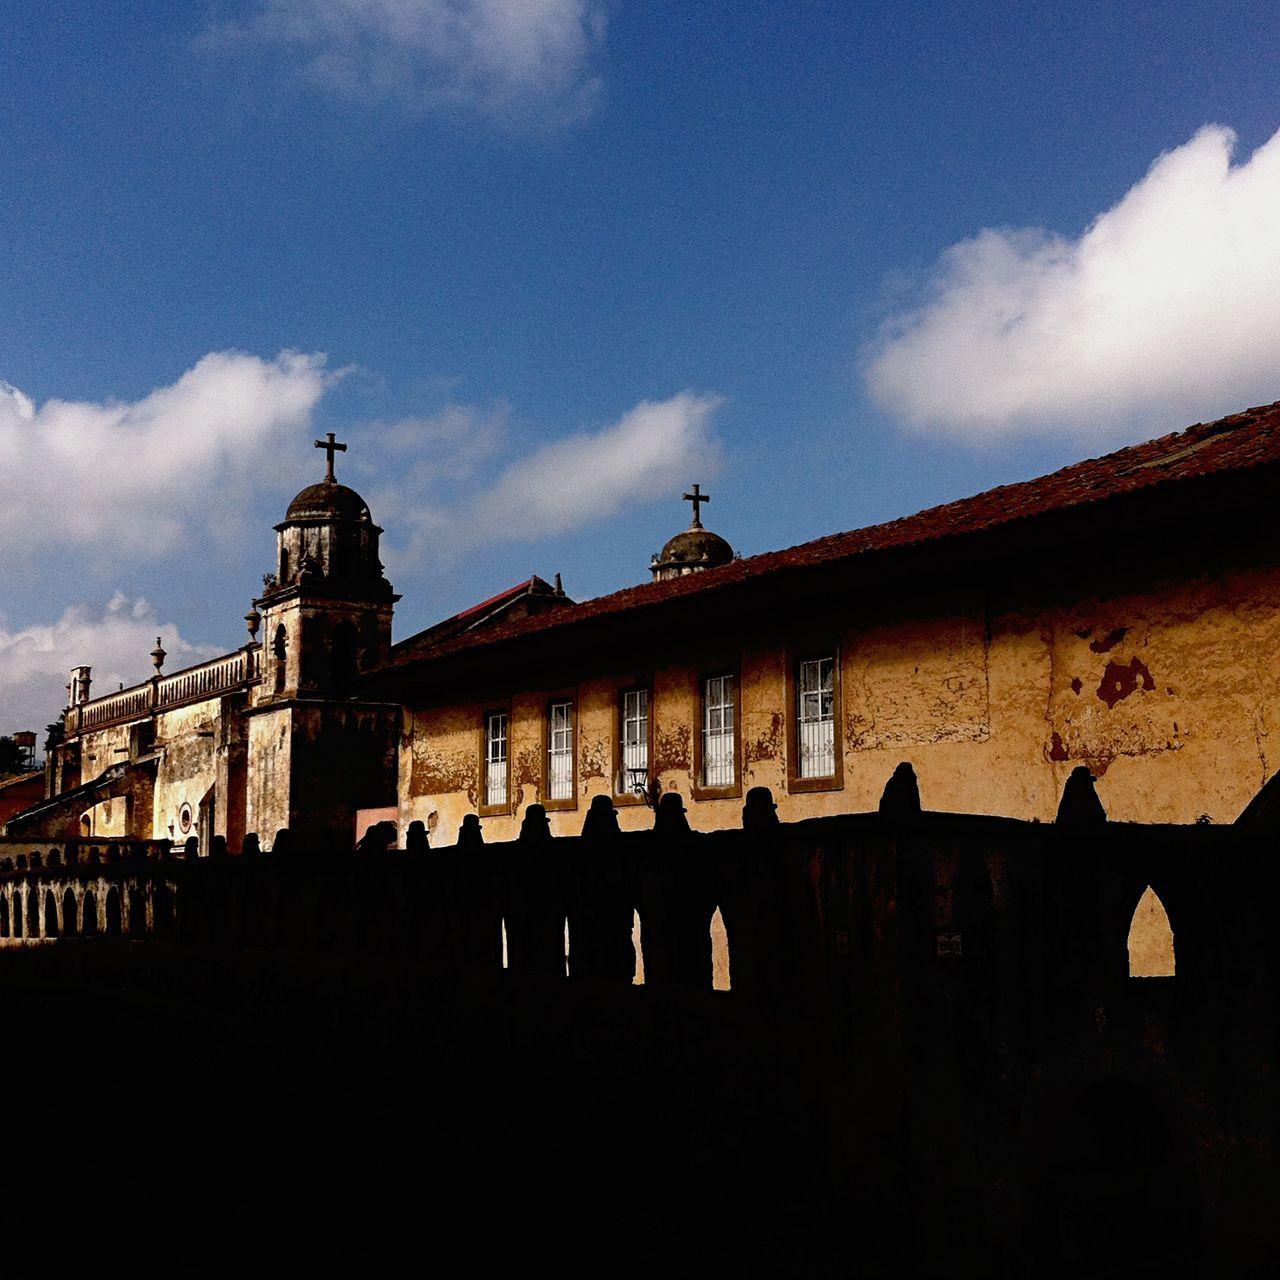 Yomochilero en Pátzcuaro, Michoacán. Mexico